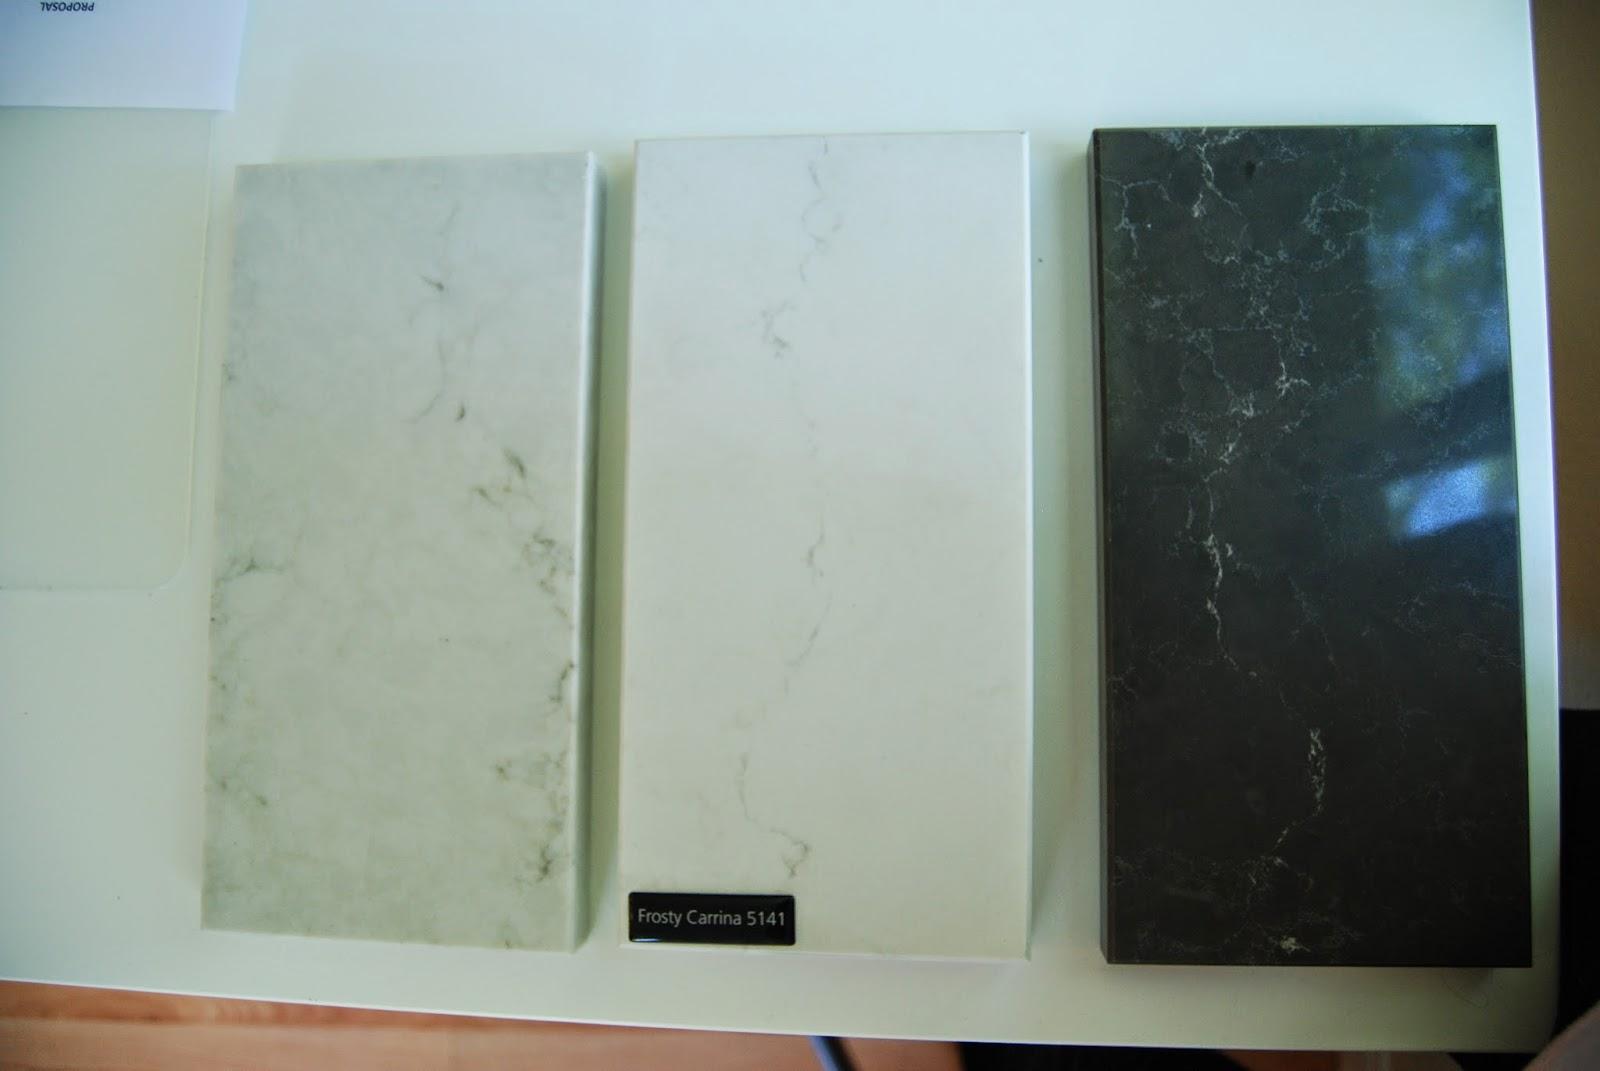 despues de visitas a los lugares donde venden cuarzo de traer diferentes muestras a la casa nos gusto el pietra grey y el concrete